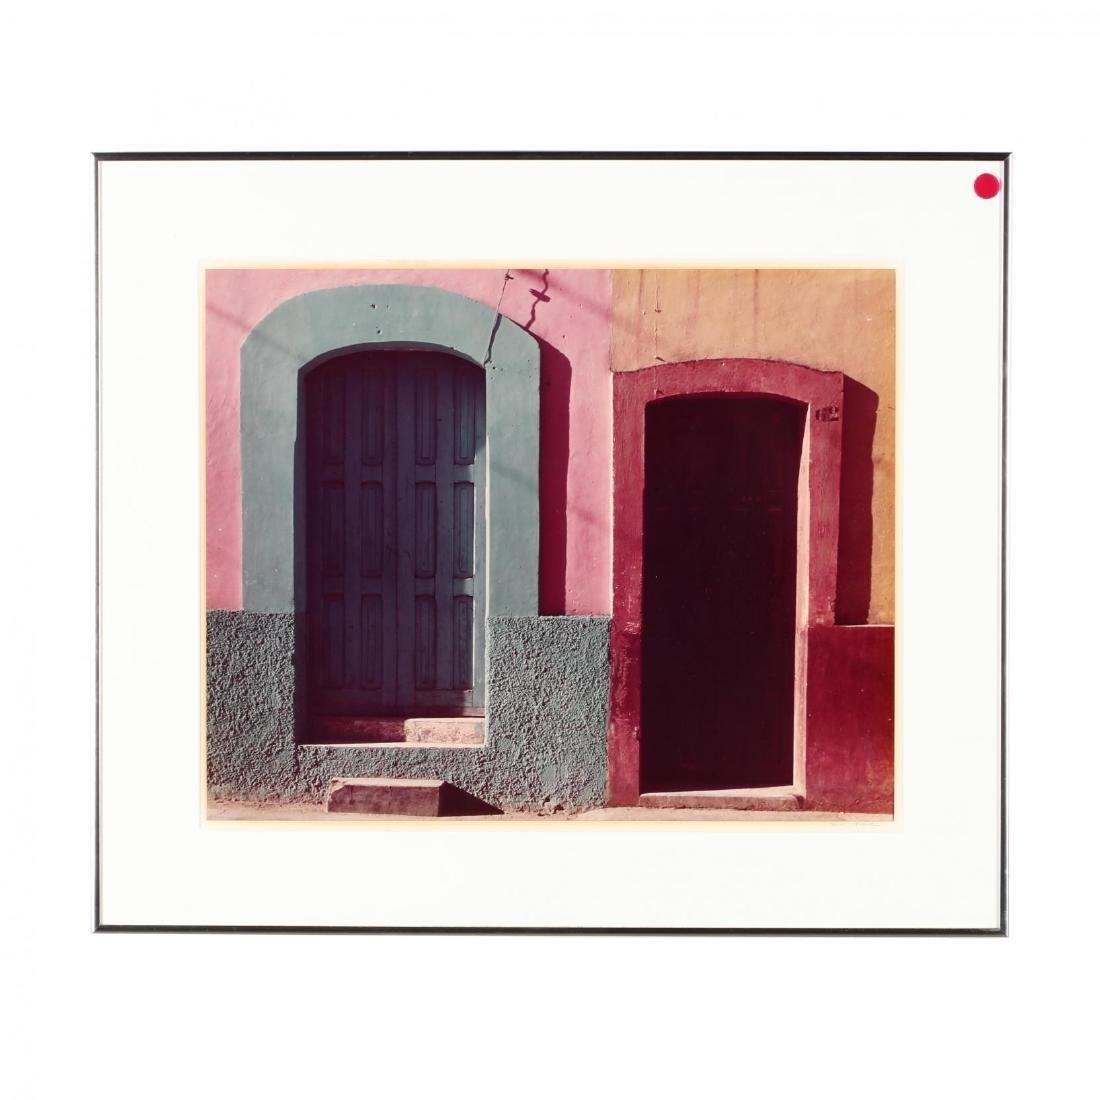 Steve Crouch (1915-1983),  Two Doors, Santiago del